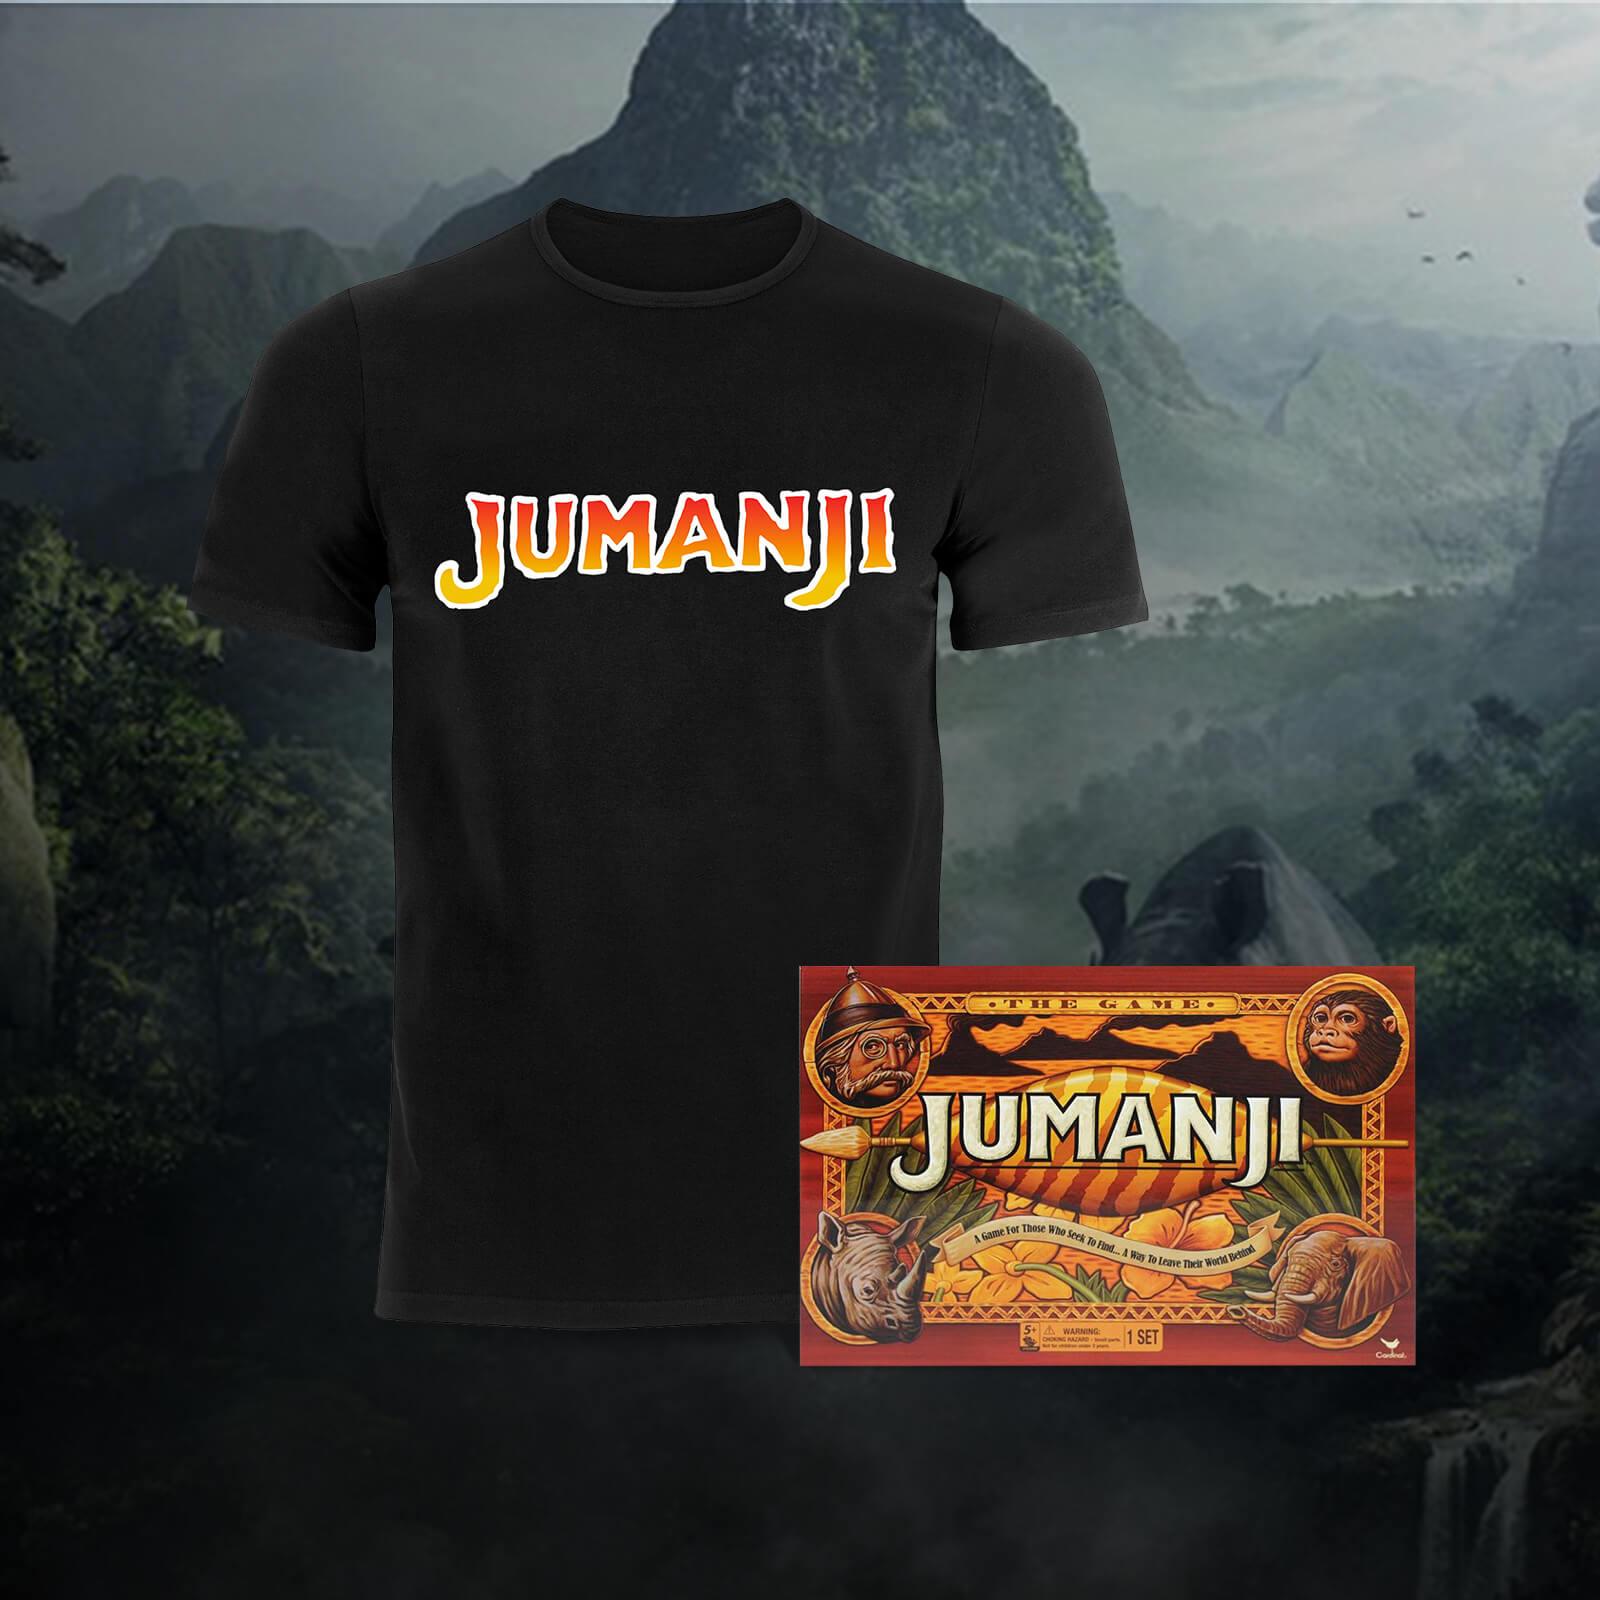 Jumanji Brettspiel + T-shirt für 20,35€ (Zavvi)